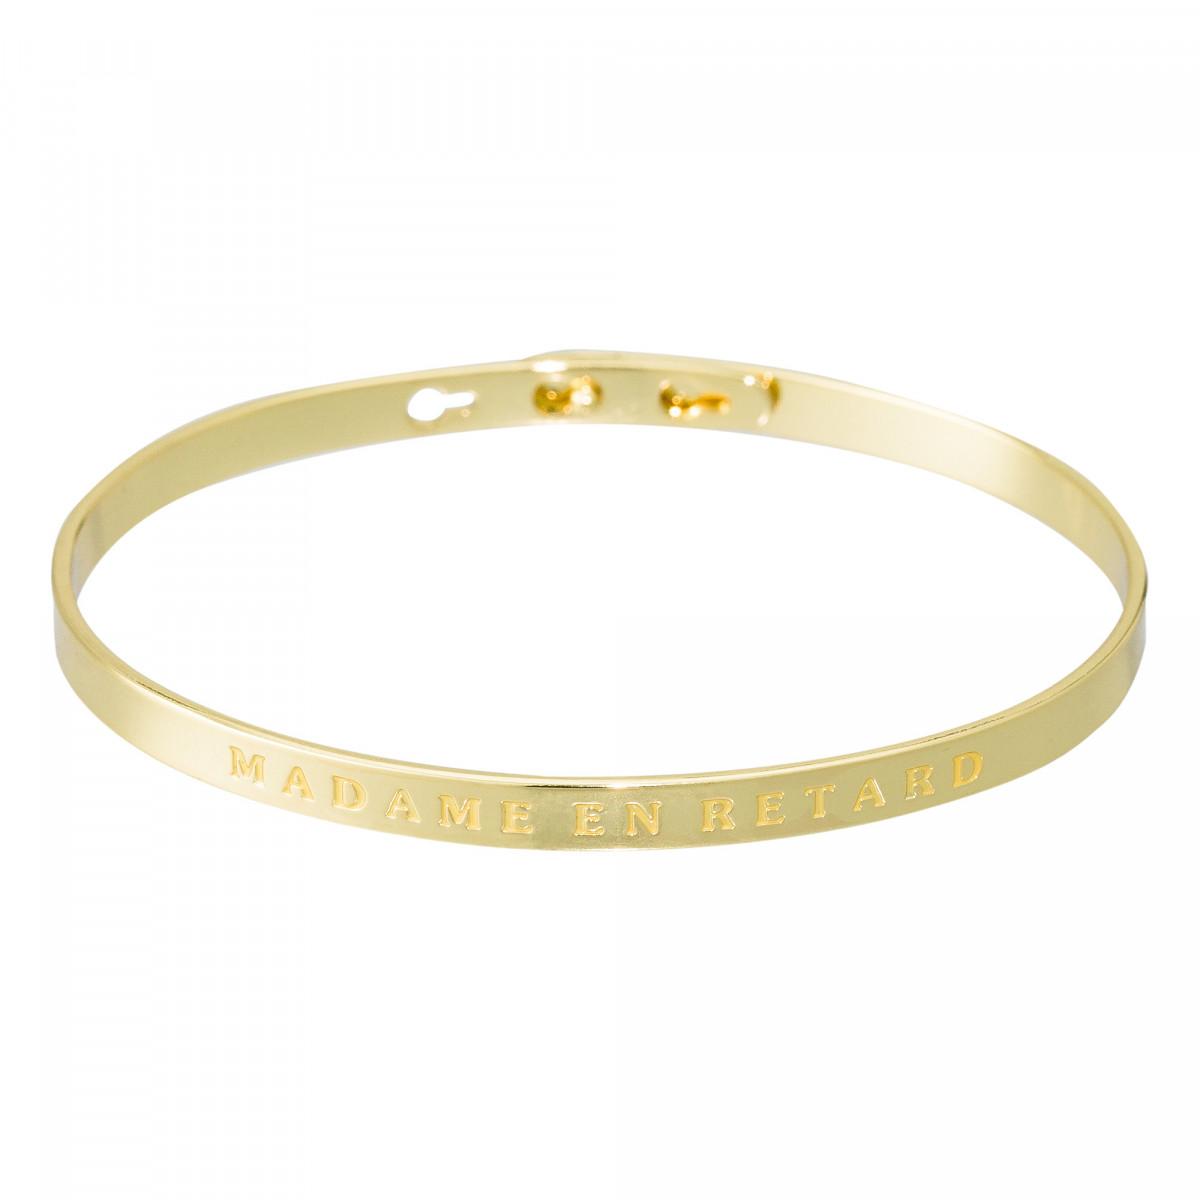 """Bracelet Jonc à message laiton doré """"MADAME EN RETARD"""""""